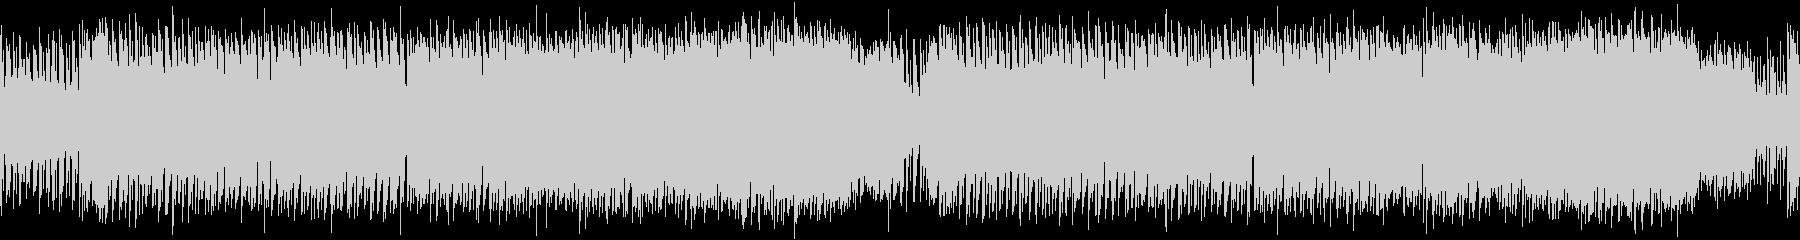 レトロゲーム風クールな感じ・FM音源版の未再生の波形